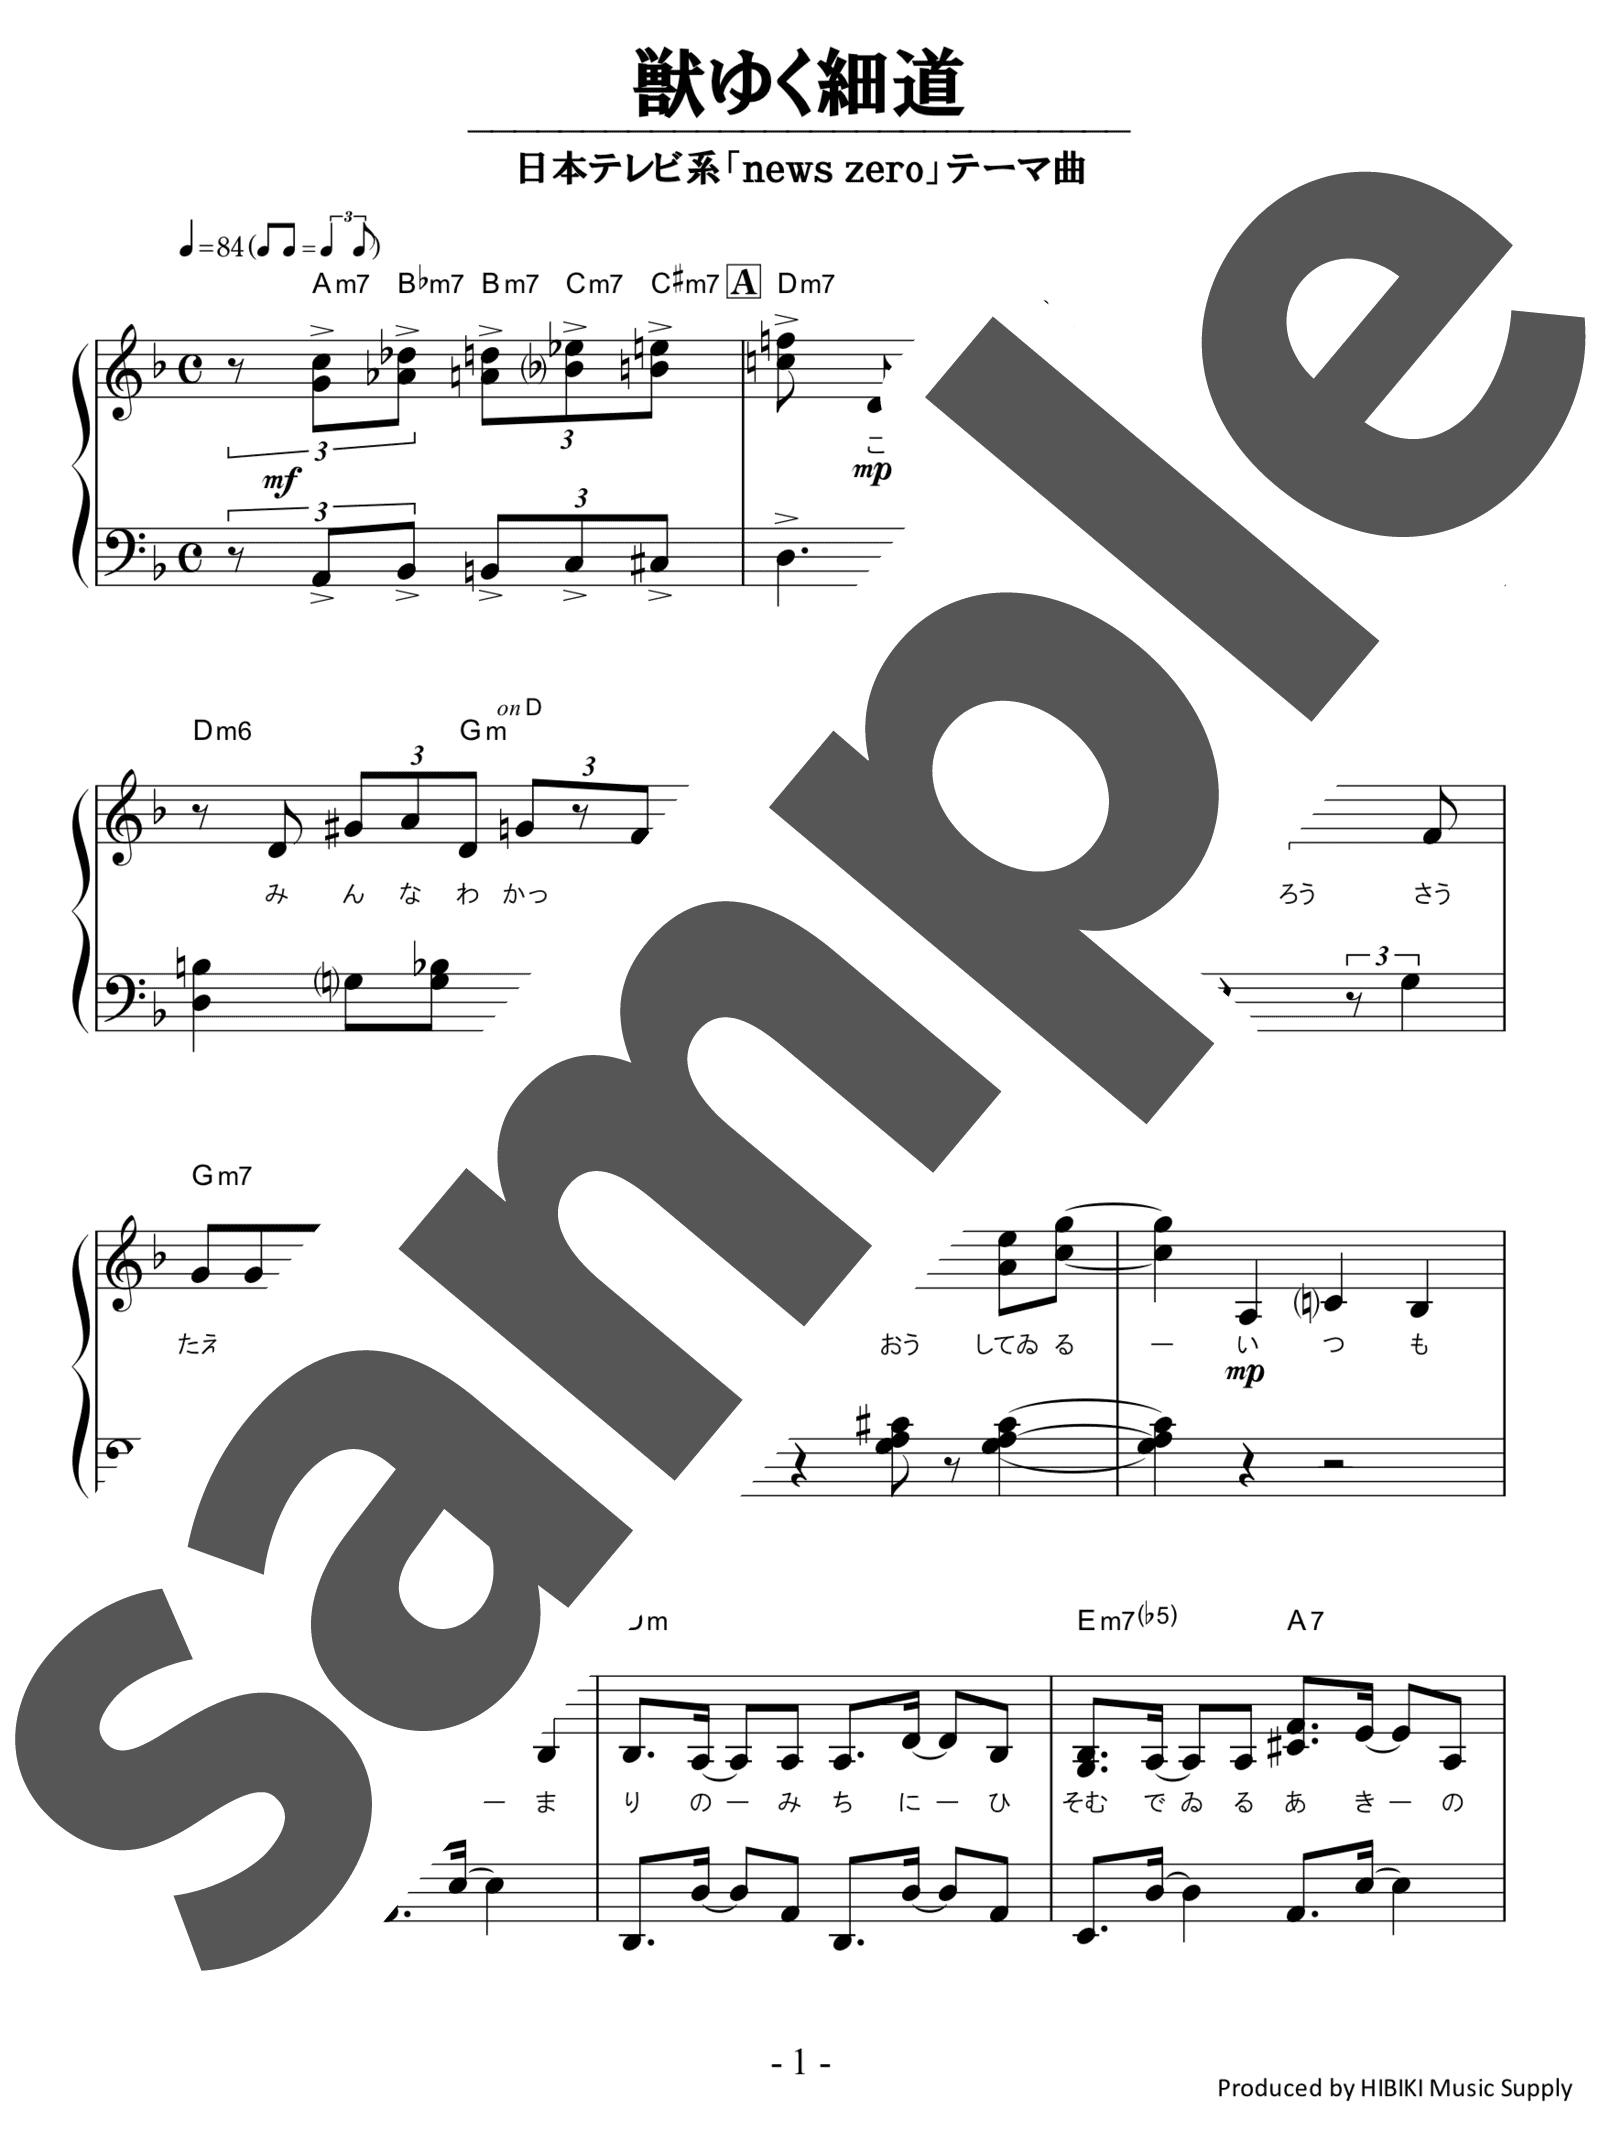 「獣ゆく細道」のサンプル楽譜